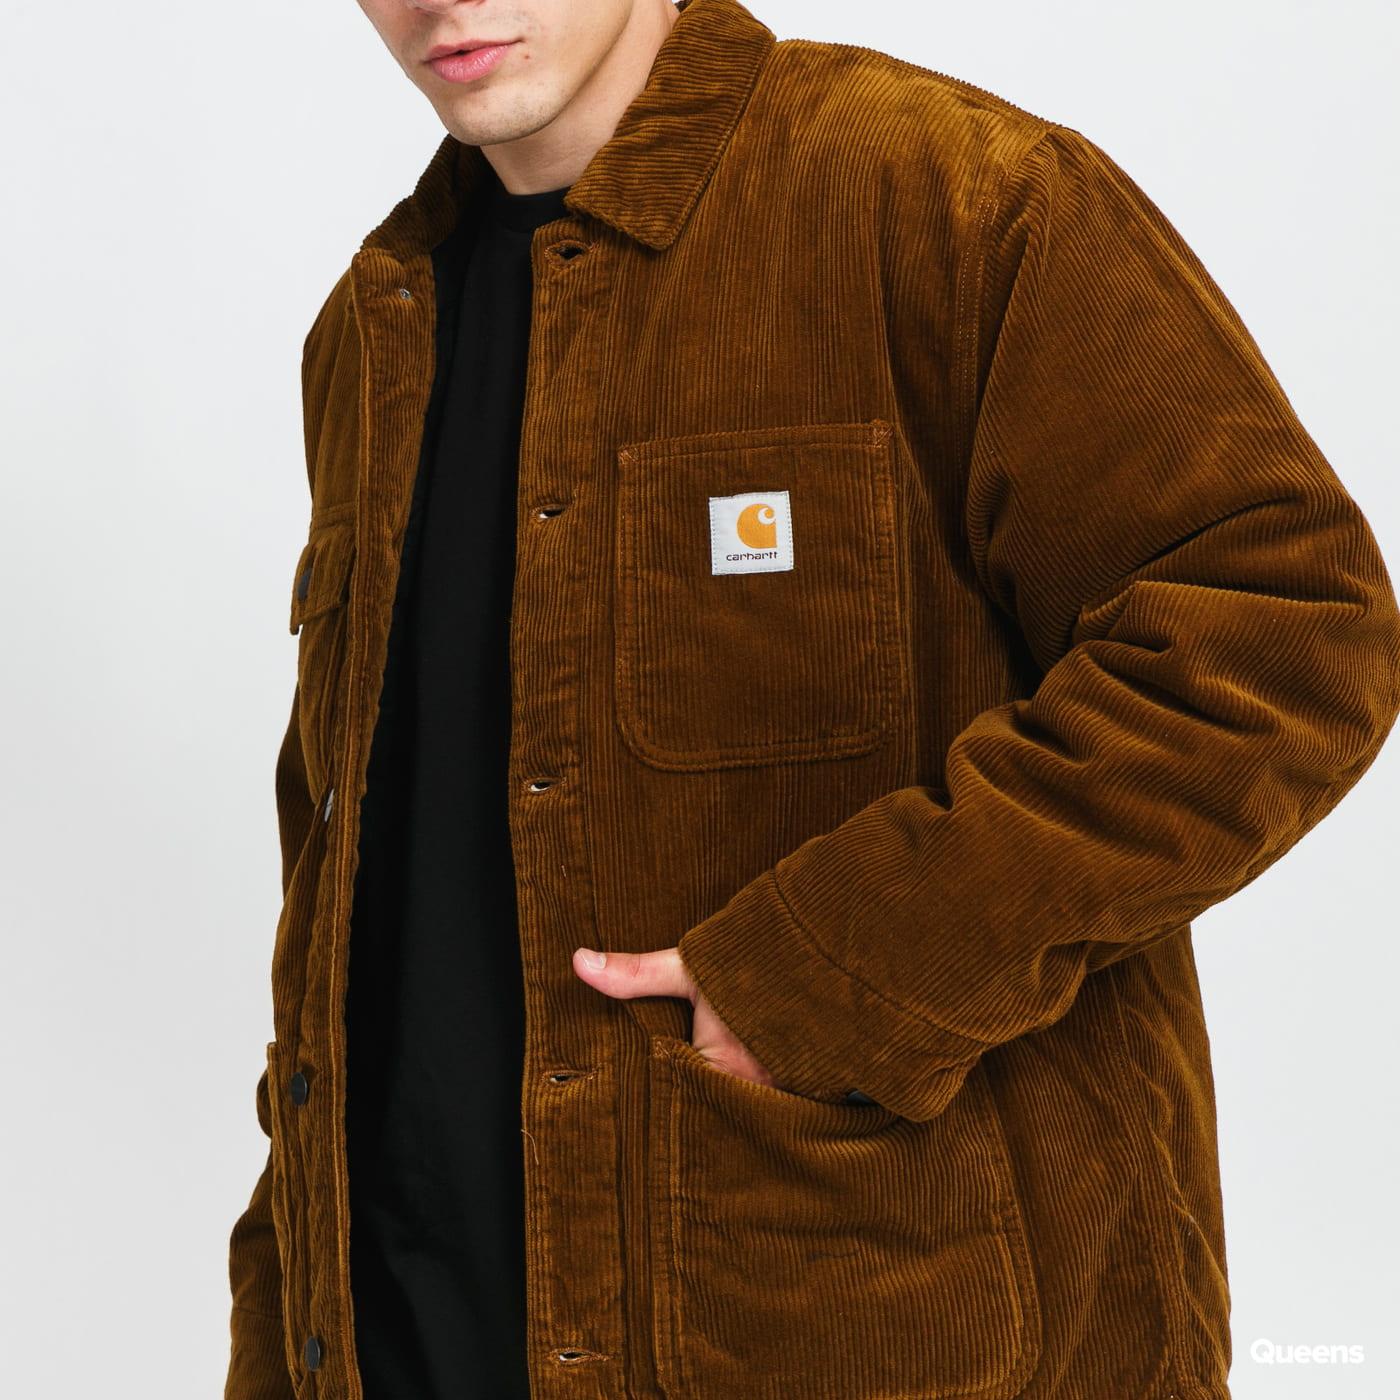 Carhartt WIP Michigan Coat brown